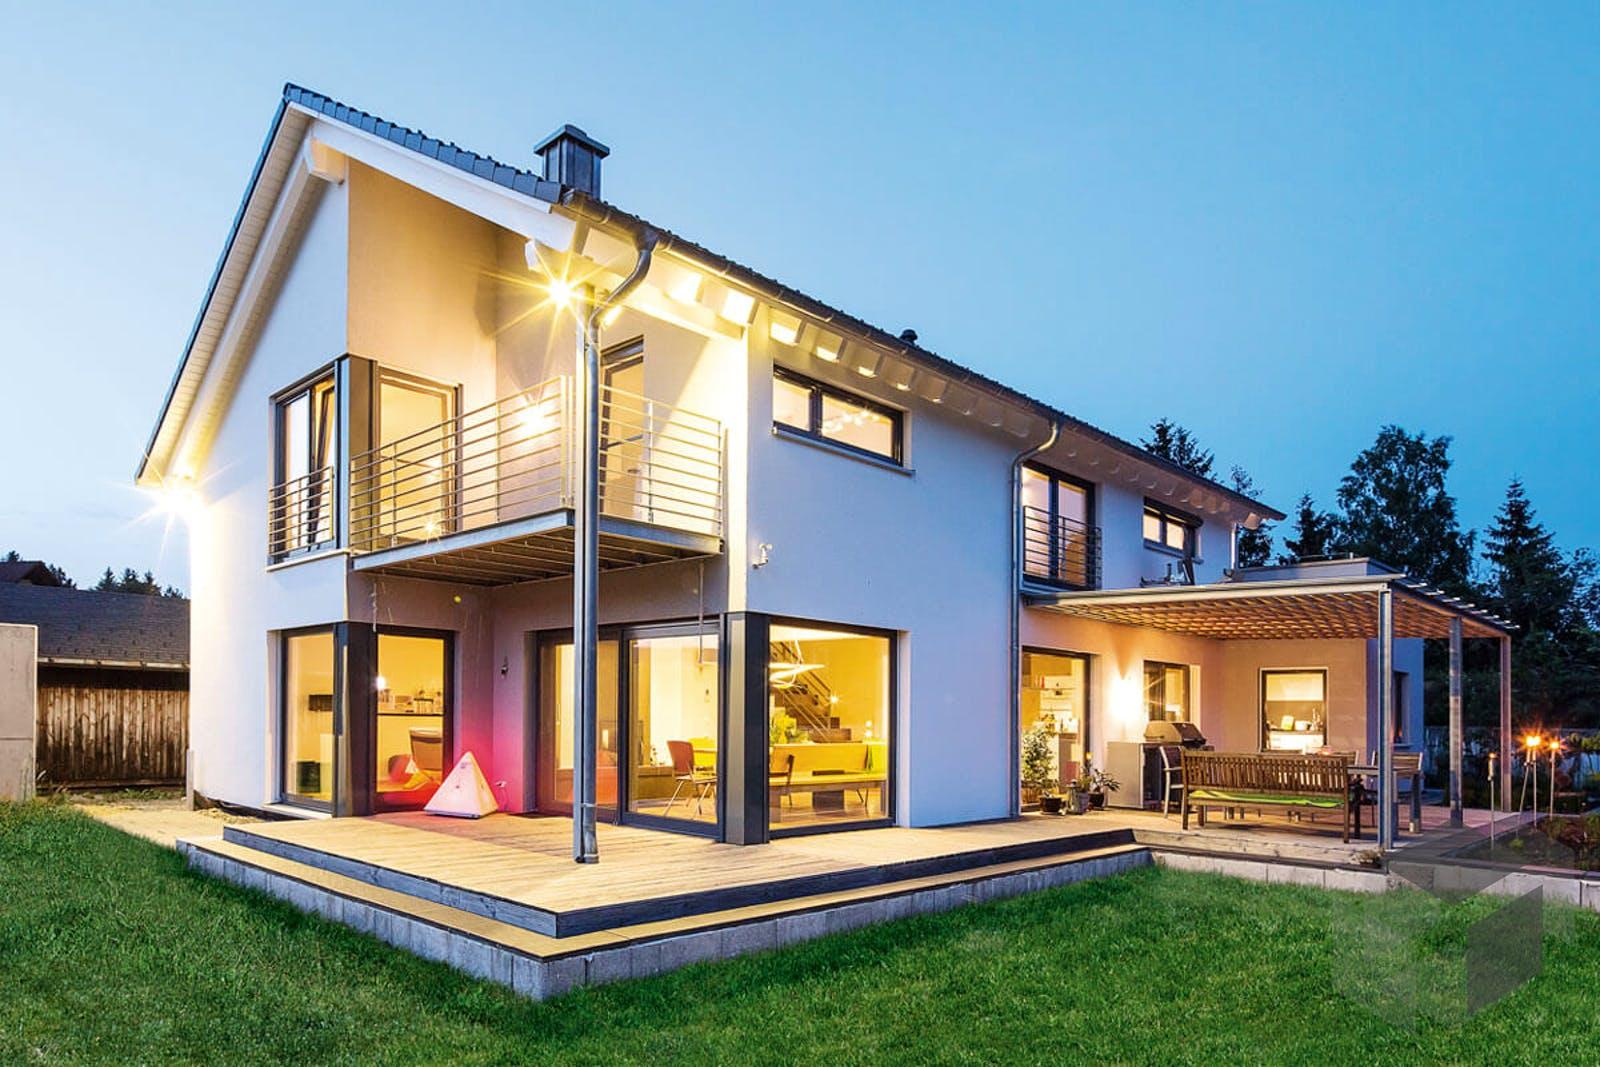 architektenhaus inactive von beilharz haus komplette daten bersicht. Black Bedroom Furniture Sets. Home Design Ideas